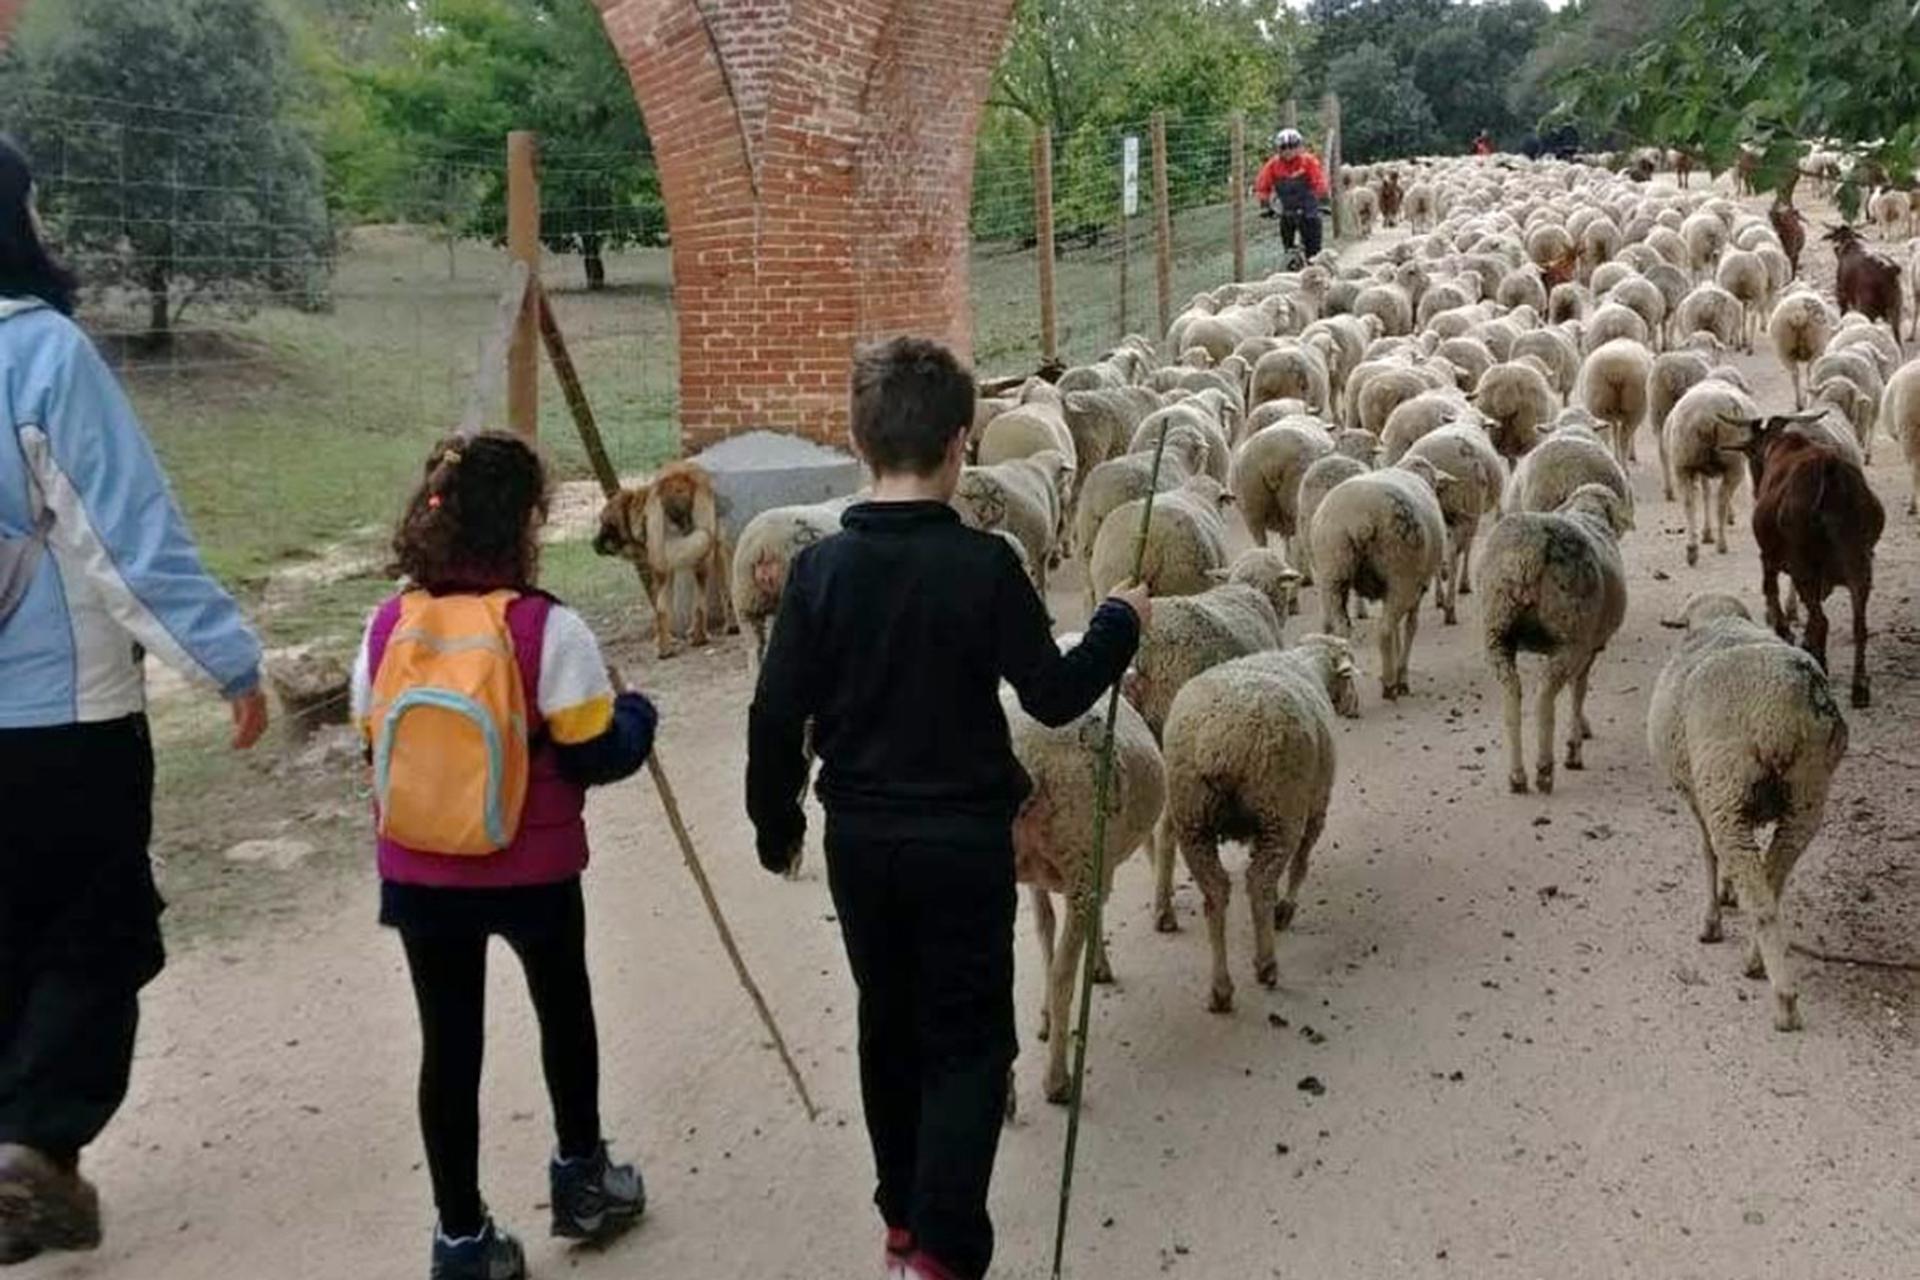 La ovejas recorren Madrid gracias a la Fiesta de la Trashumancia 2021